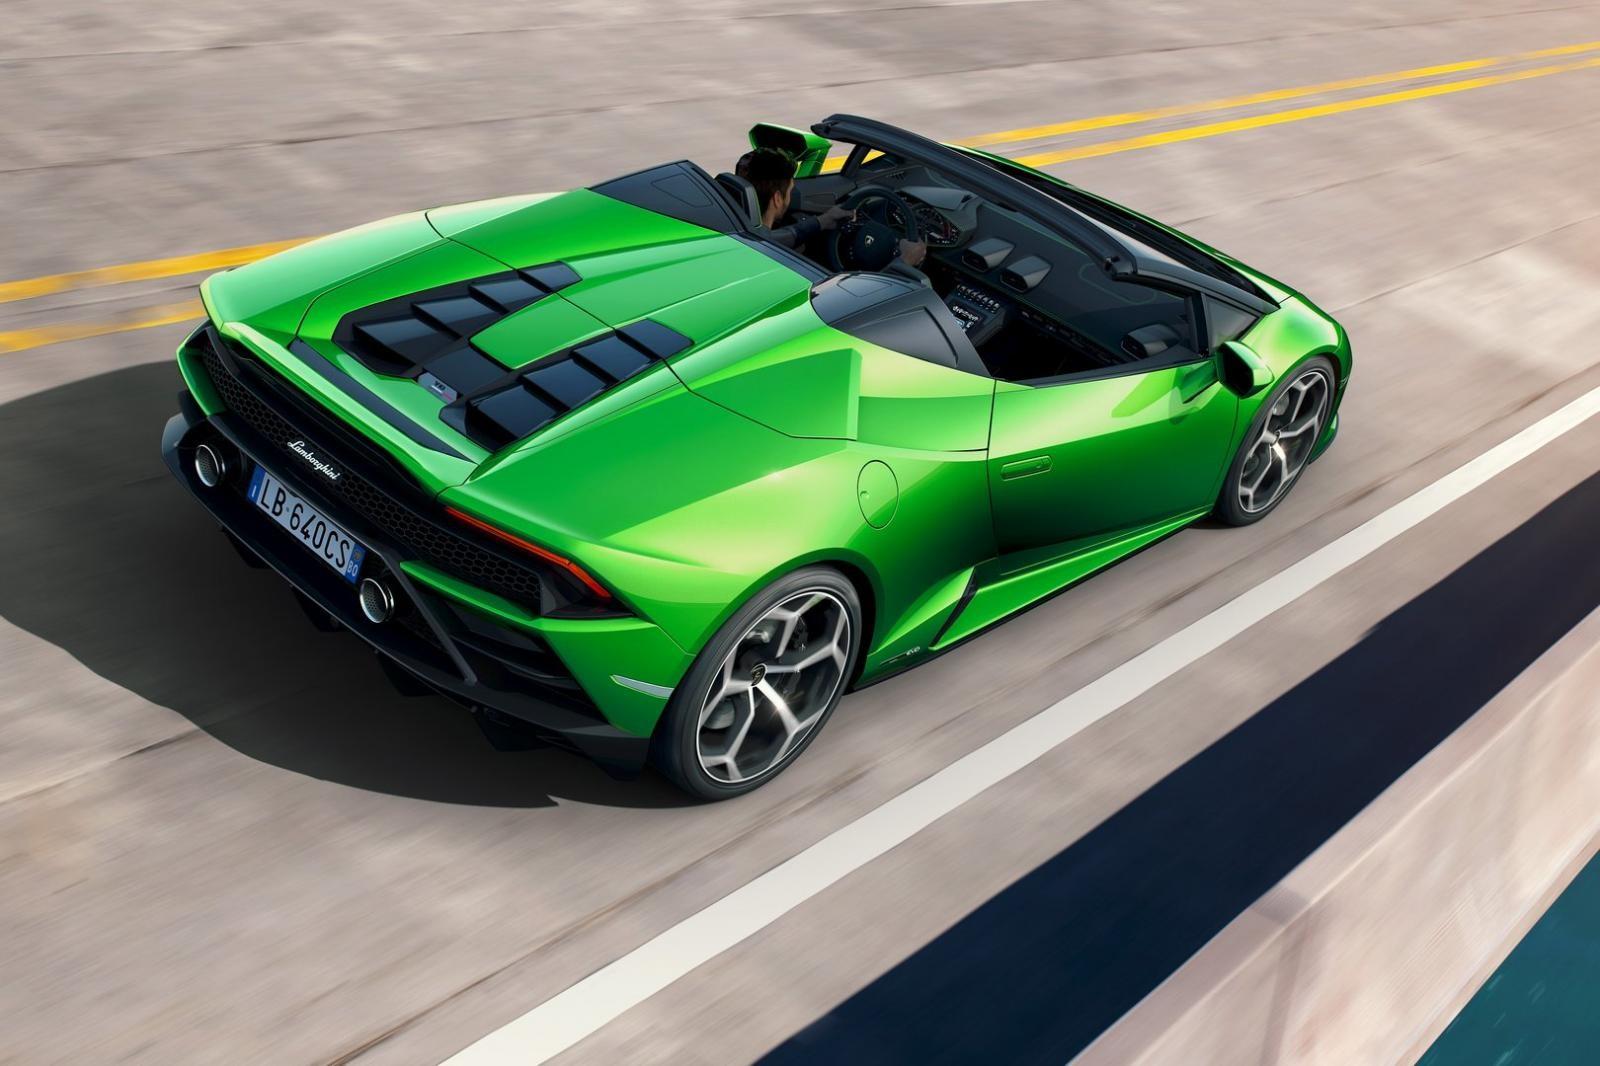 Khi tốc độ xe dưới 50 km/h, chủ nhân vẫn có thể thực hiện đóng mở mui